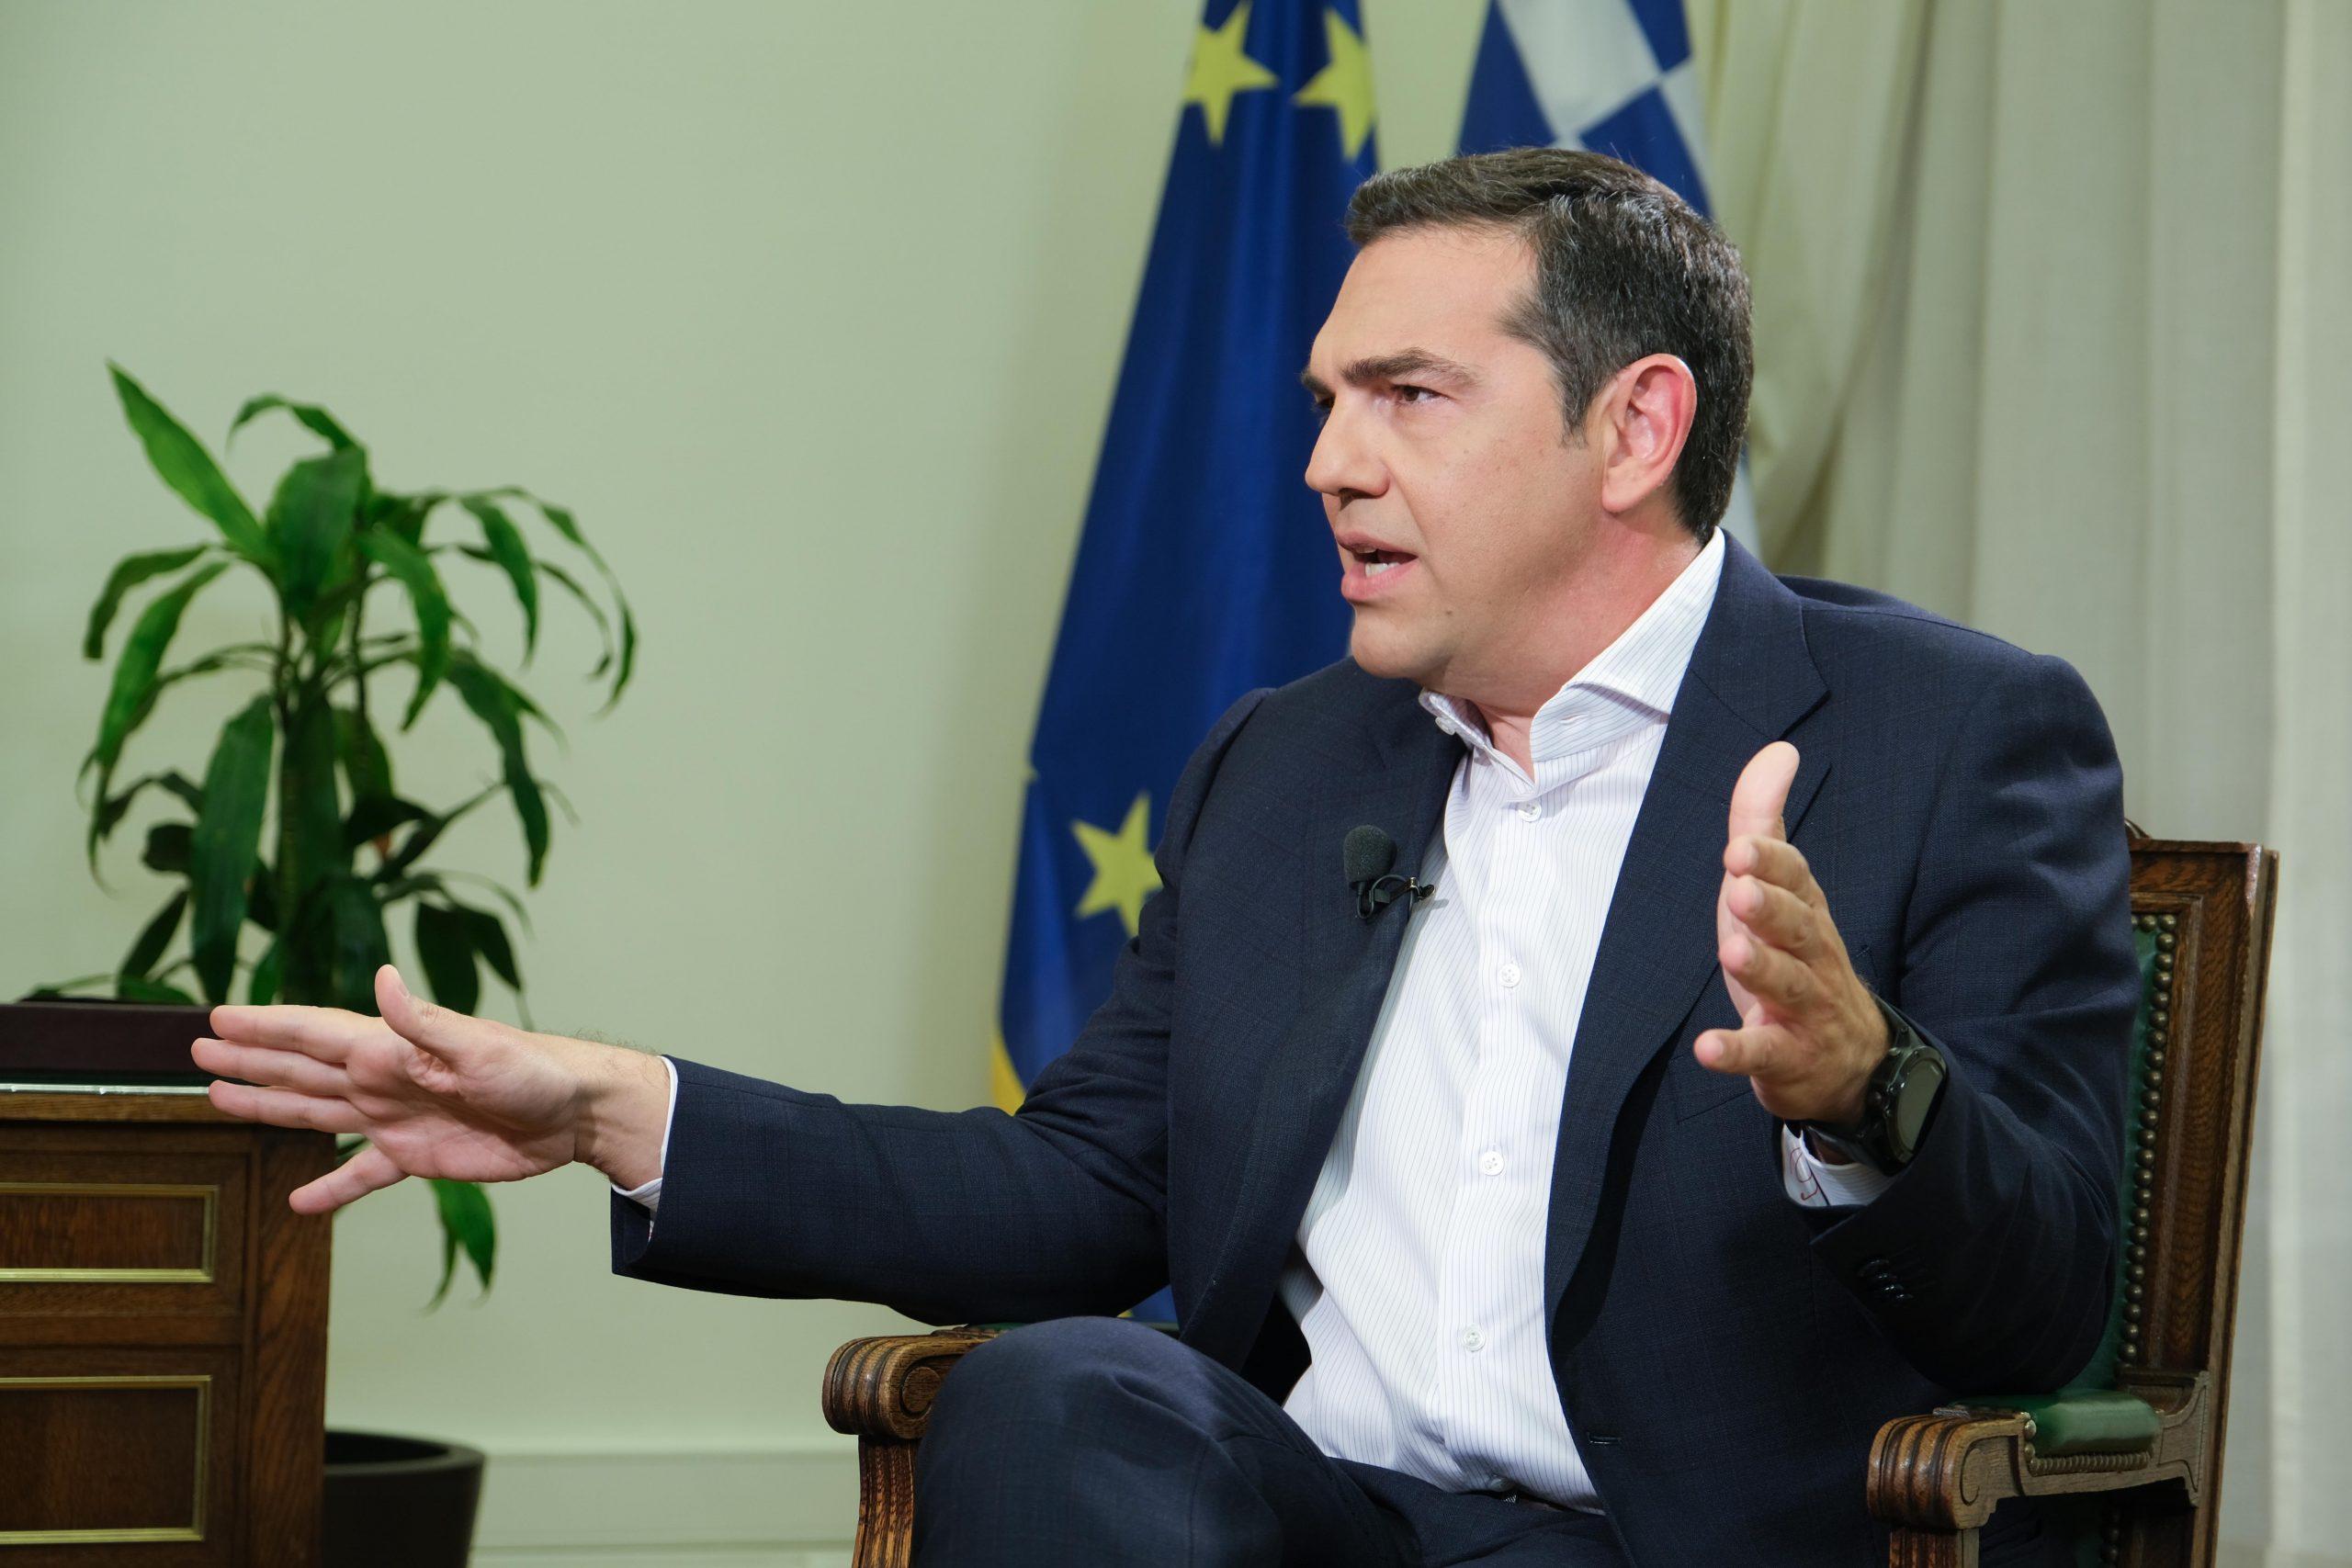 """Τσίπρας: """"Αν φυγομαχήσει, θα υποστεί δεινή πολιτική ήττα"""" – Στην πρώτη γραμμή νέα και άφθαρτα στελέχη βγάζει ο πρόεδρος του ΣΥΡΙΖΑ"""